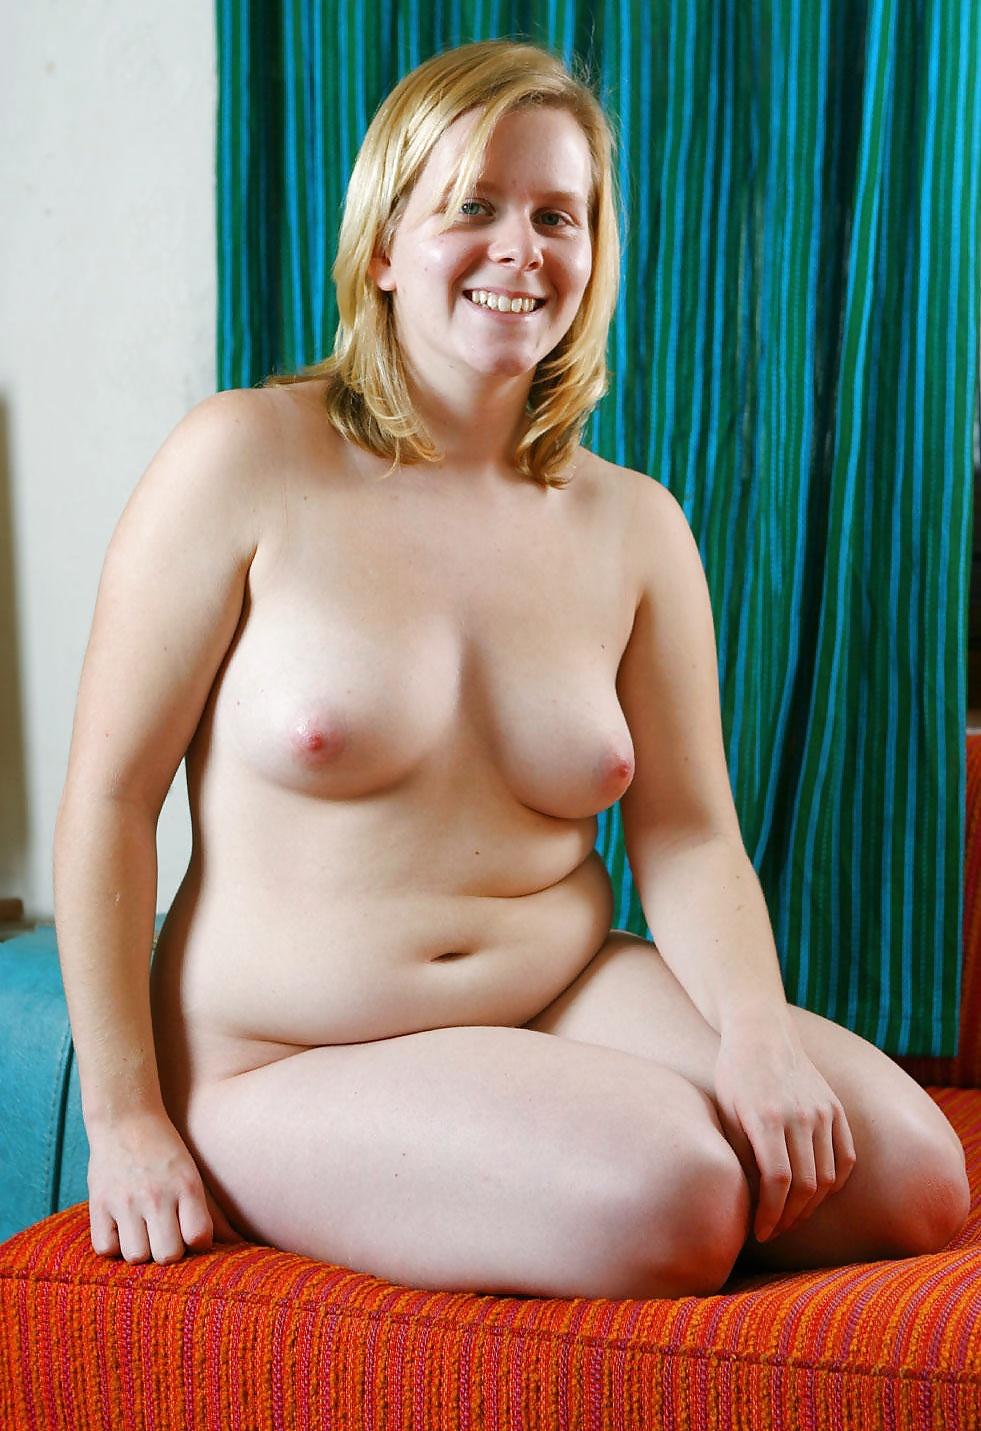 african-coloured-chubby-mpeg-tgp-photos-male-pornstars